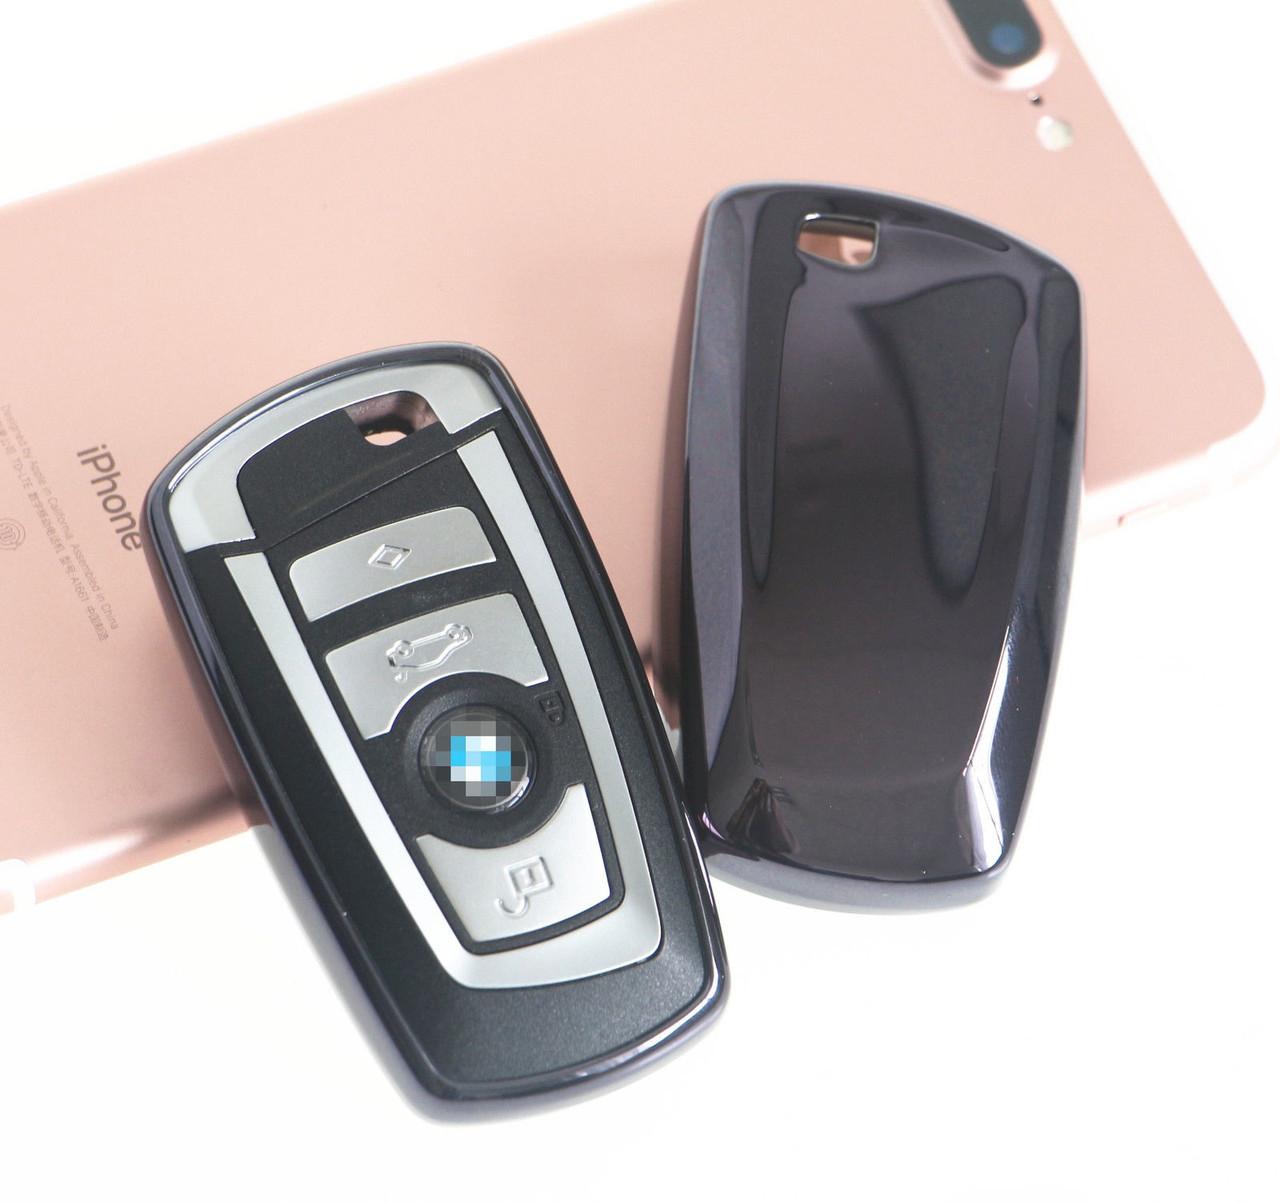 Полиуретановый чехол для ключа BMW 1,2,3,4,5,6,7,8,I3,I8,m1,m2,m3,m4,m5, m6,x1,x2,x3,x4,x5,x6,Z4,F10,15,20,30